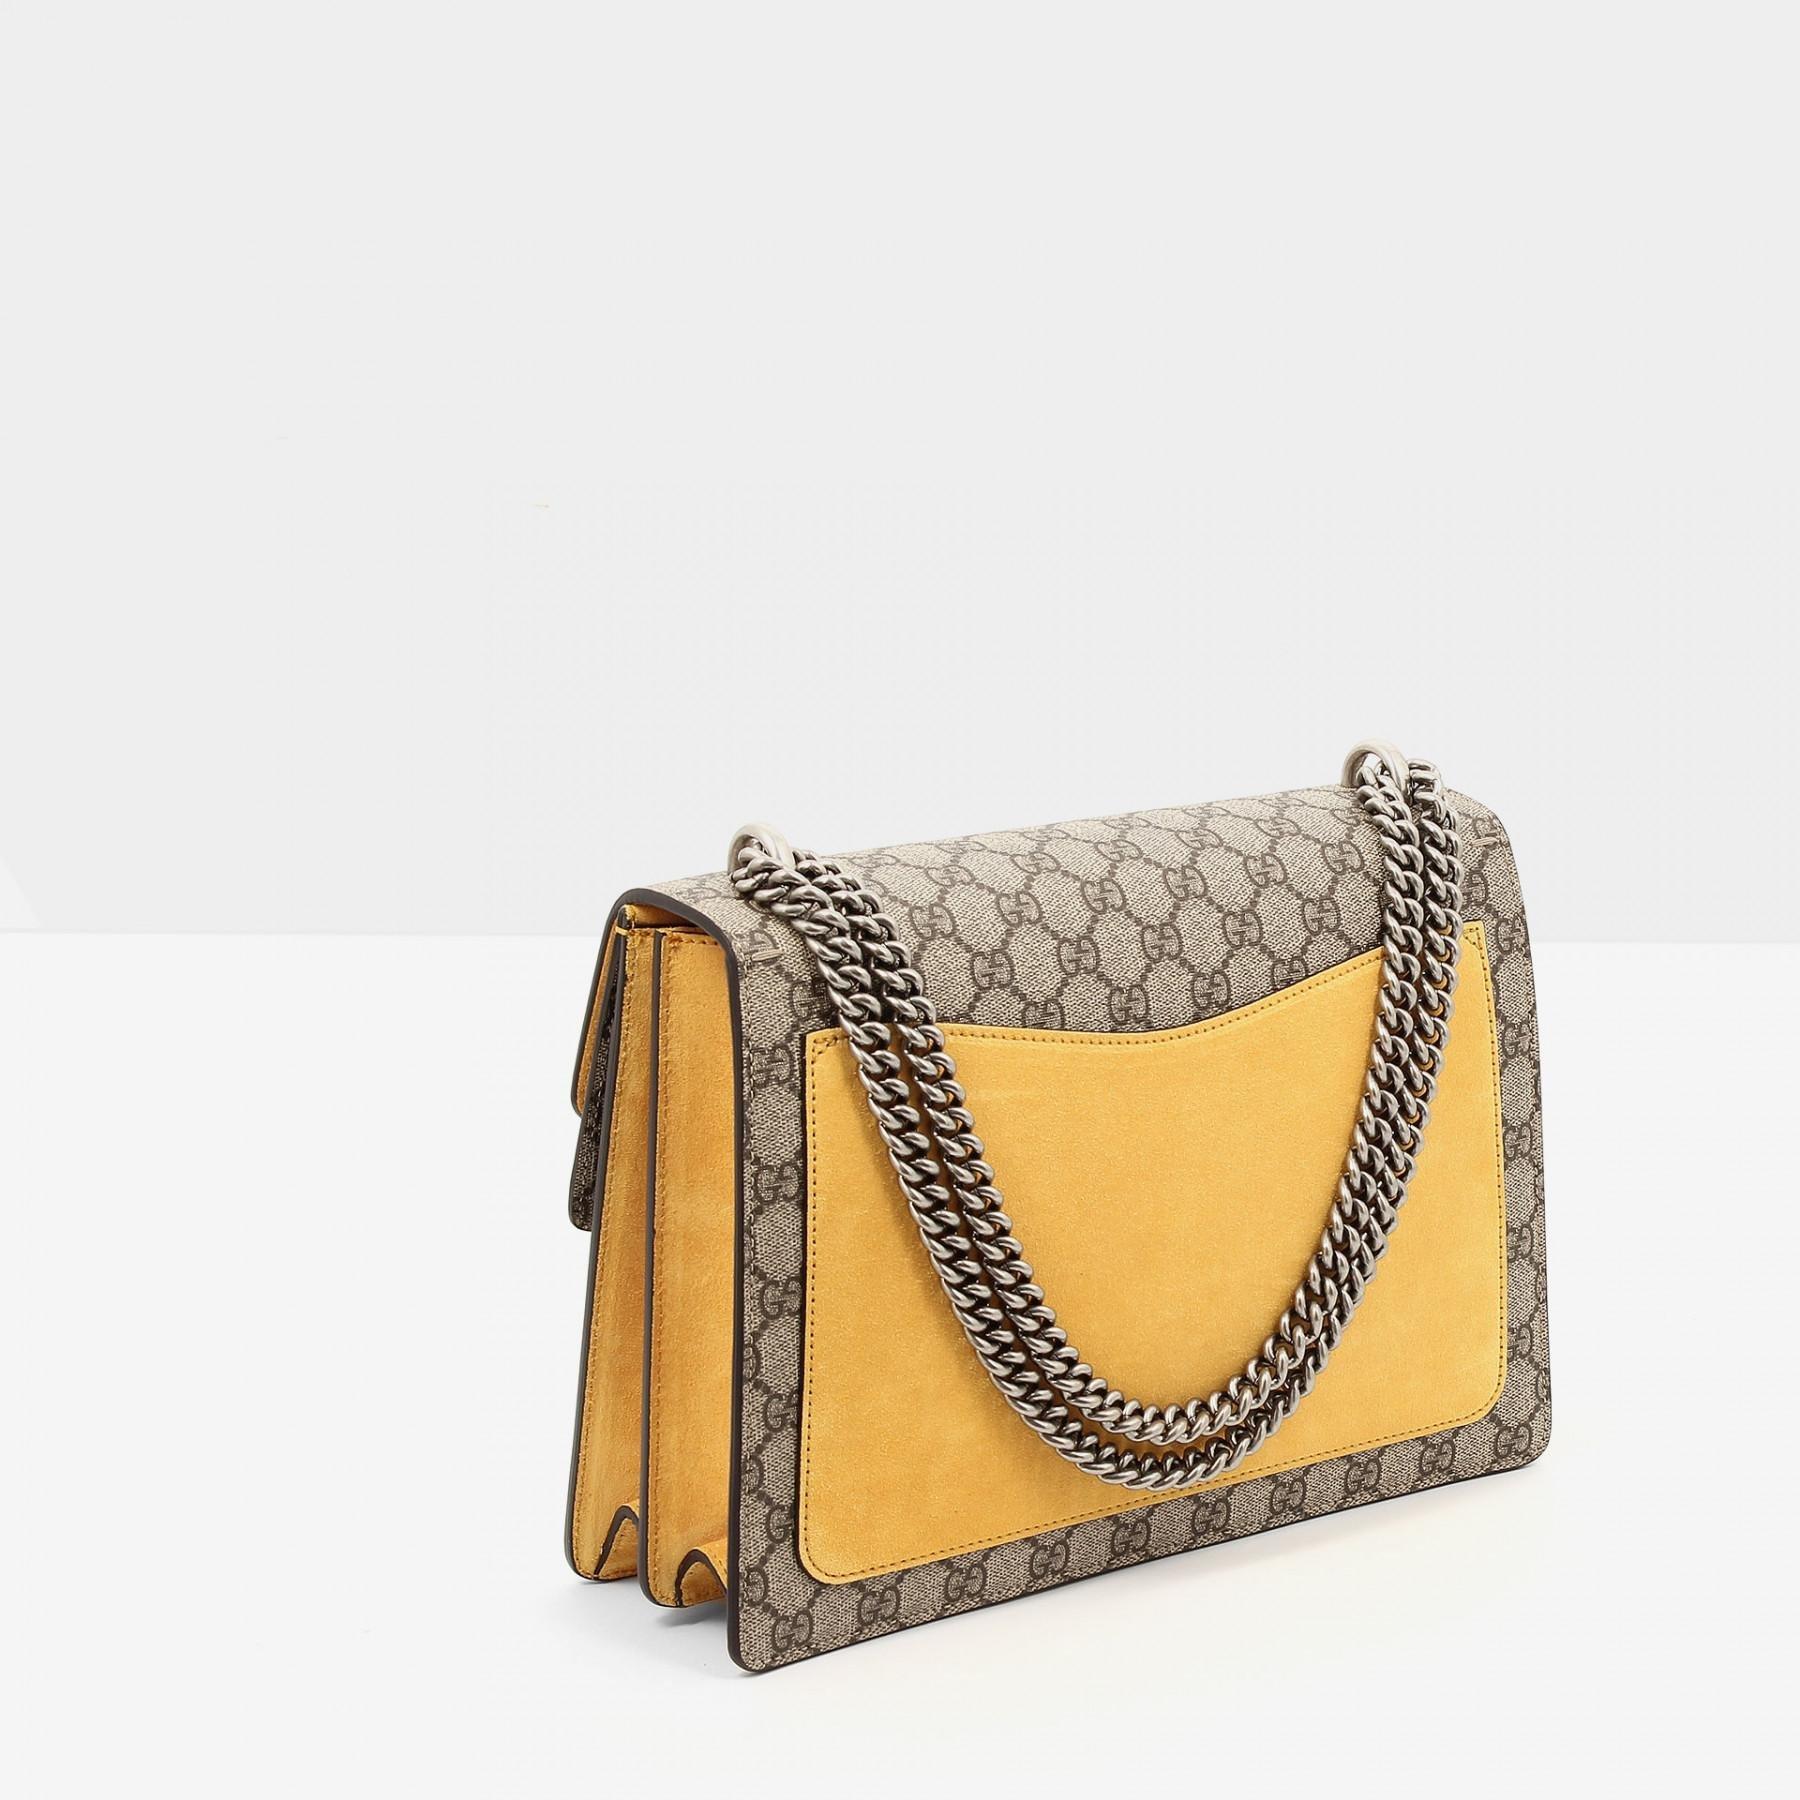 Dionysus Gg Supreme Bag